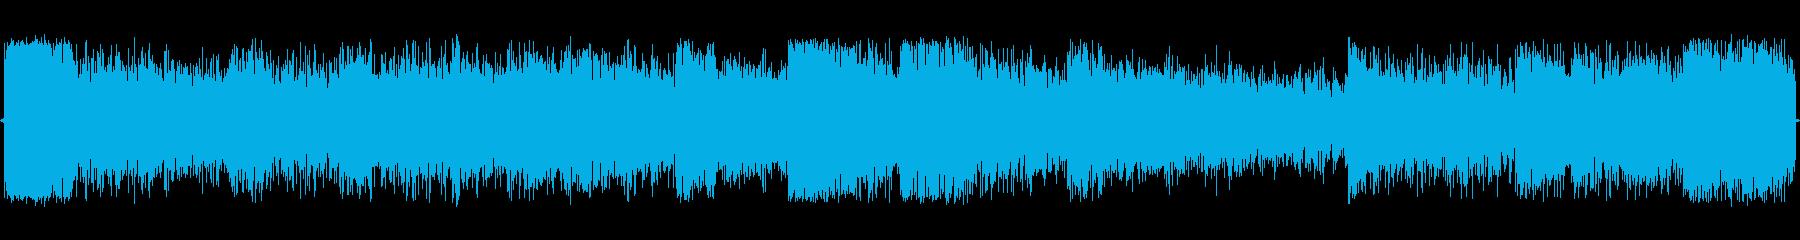 緊迫感のあるオーケストラ編成の暗いダン…の再生済みの波形